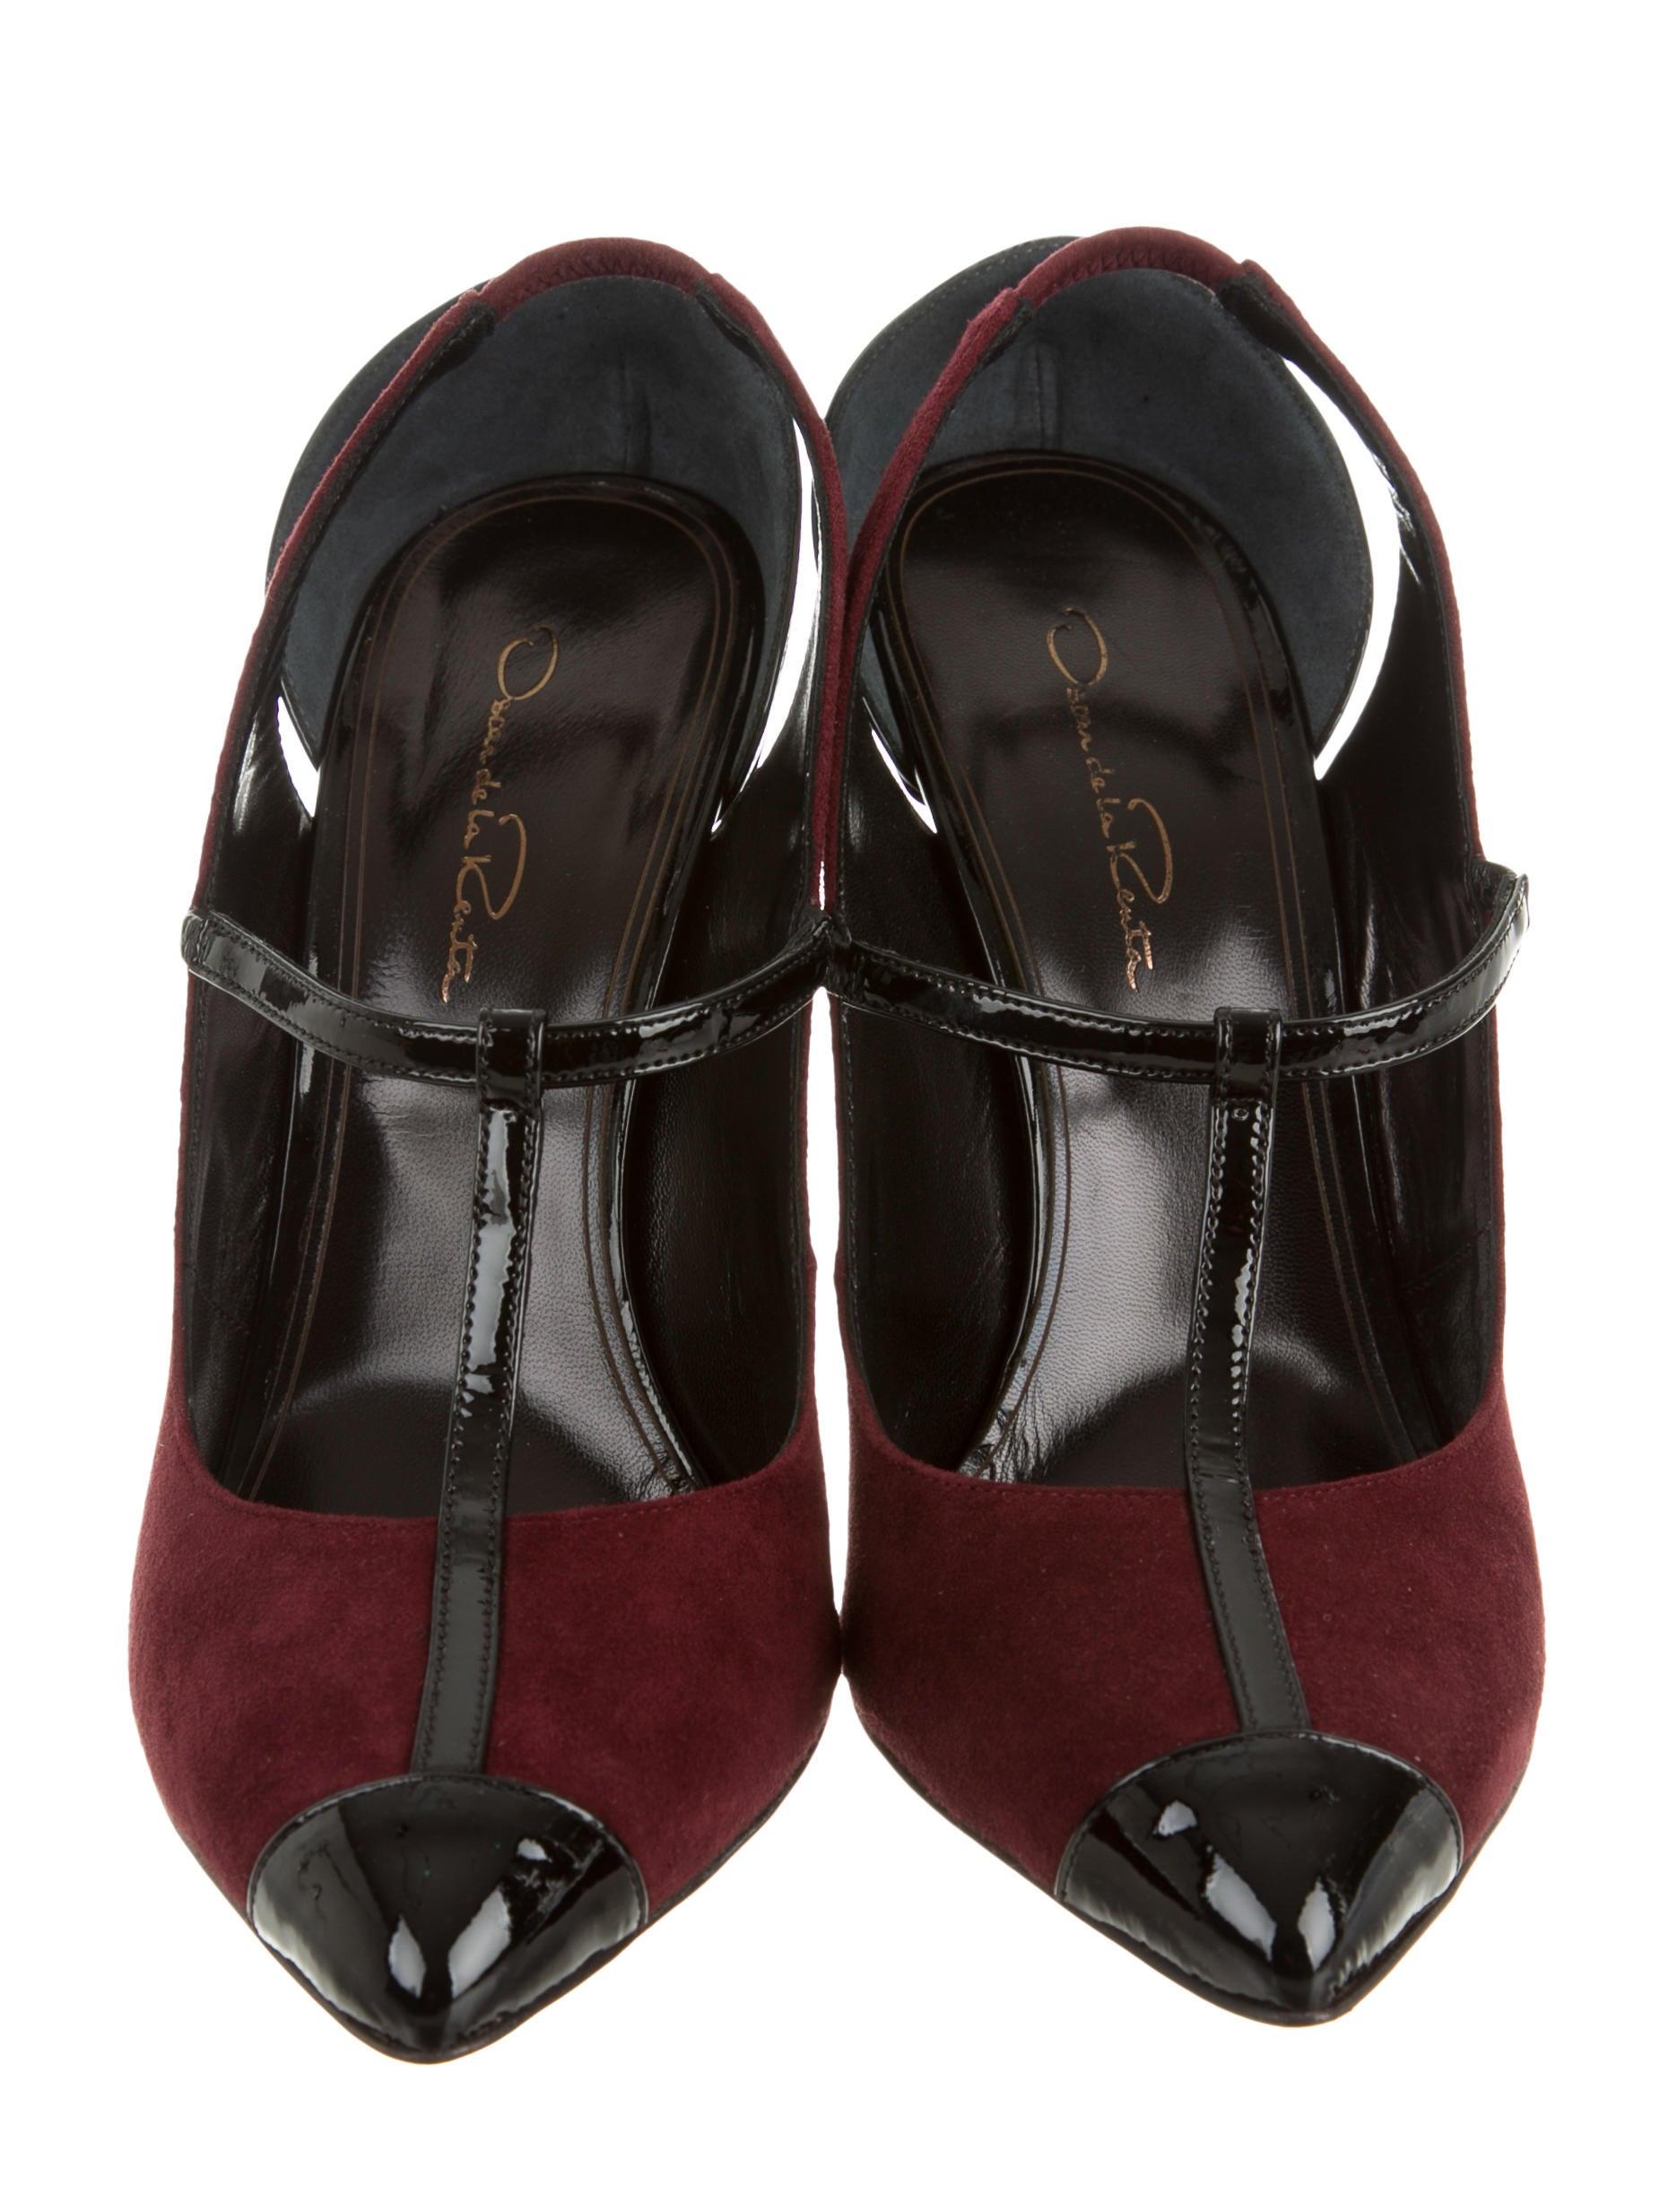 oscar de la renta fedra t strap pumps shoes osc34956 the realreal. Black Bedroom Furniture Sets. Home Design Ideas